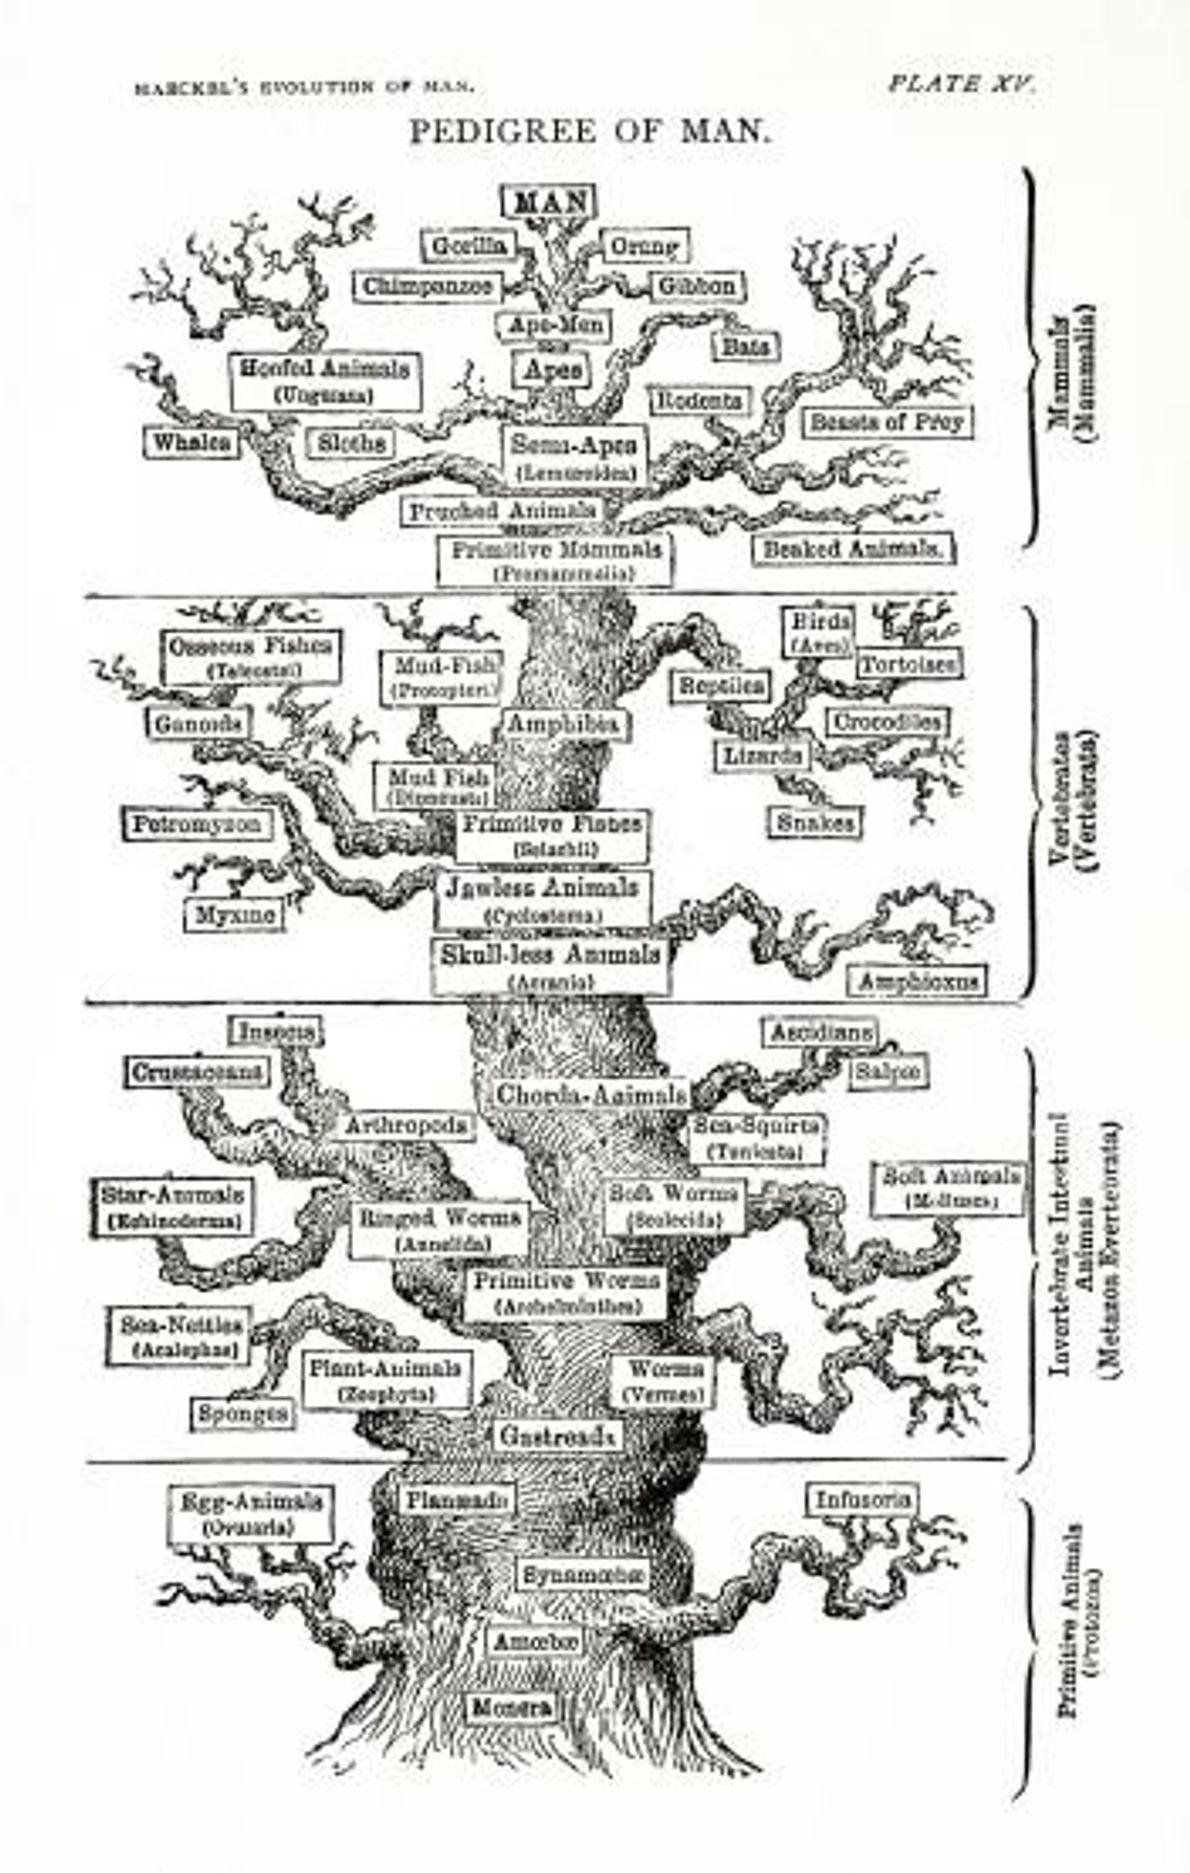 A árvore da vida da Evolução do Homem segundo o biólogo evolucionista alemão Ernst Heinrich Philipp ...